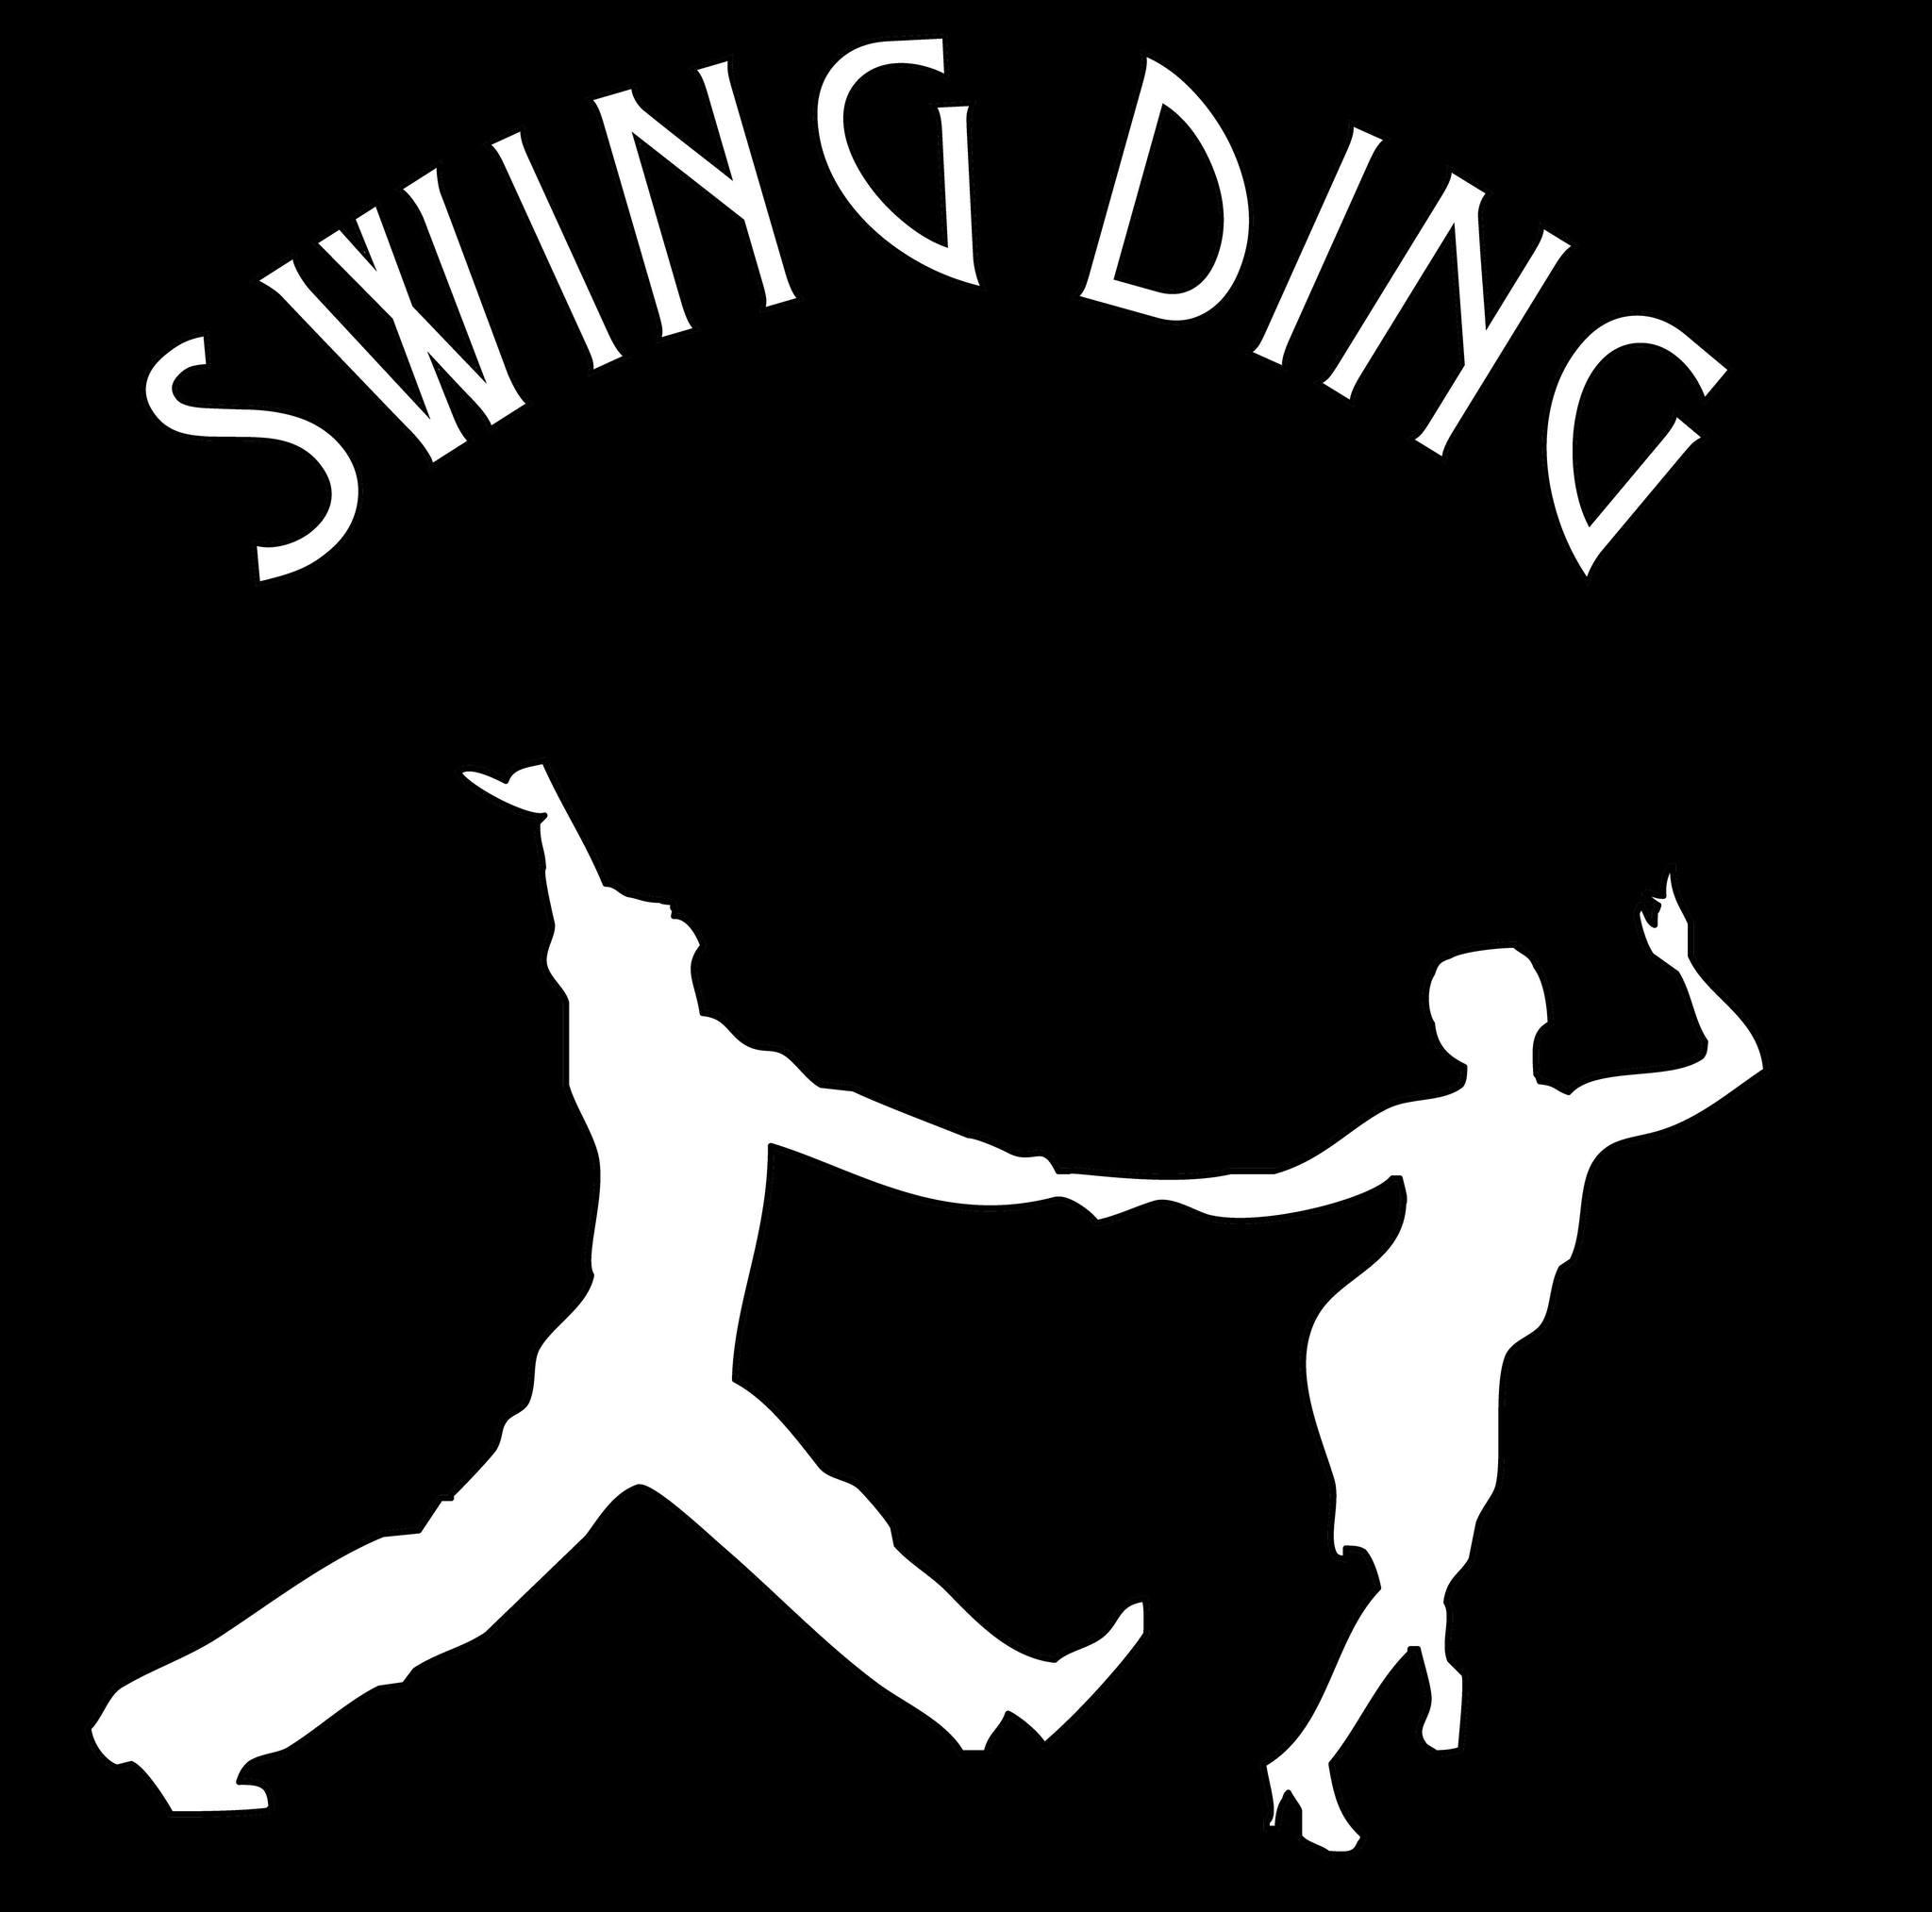 Swing Ding im Dezember